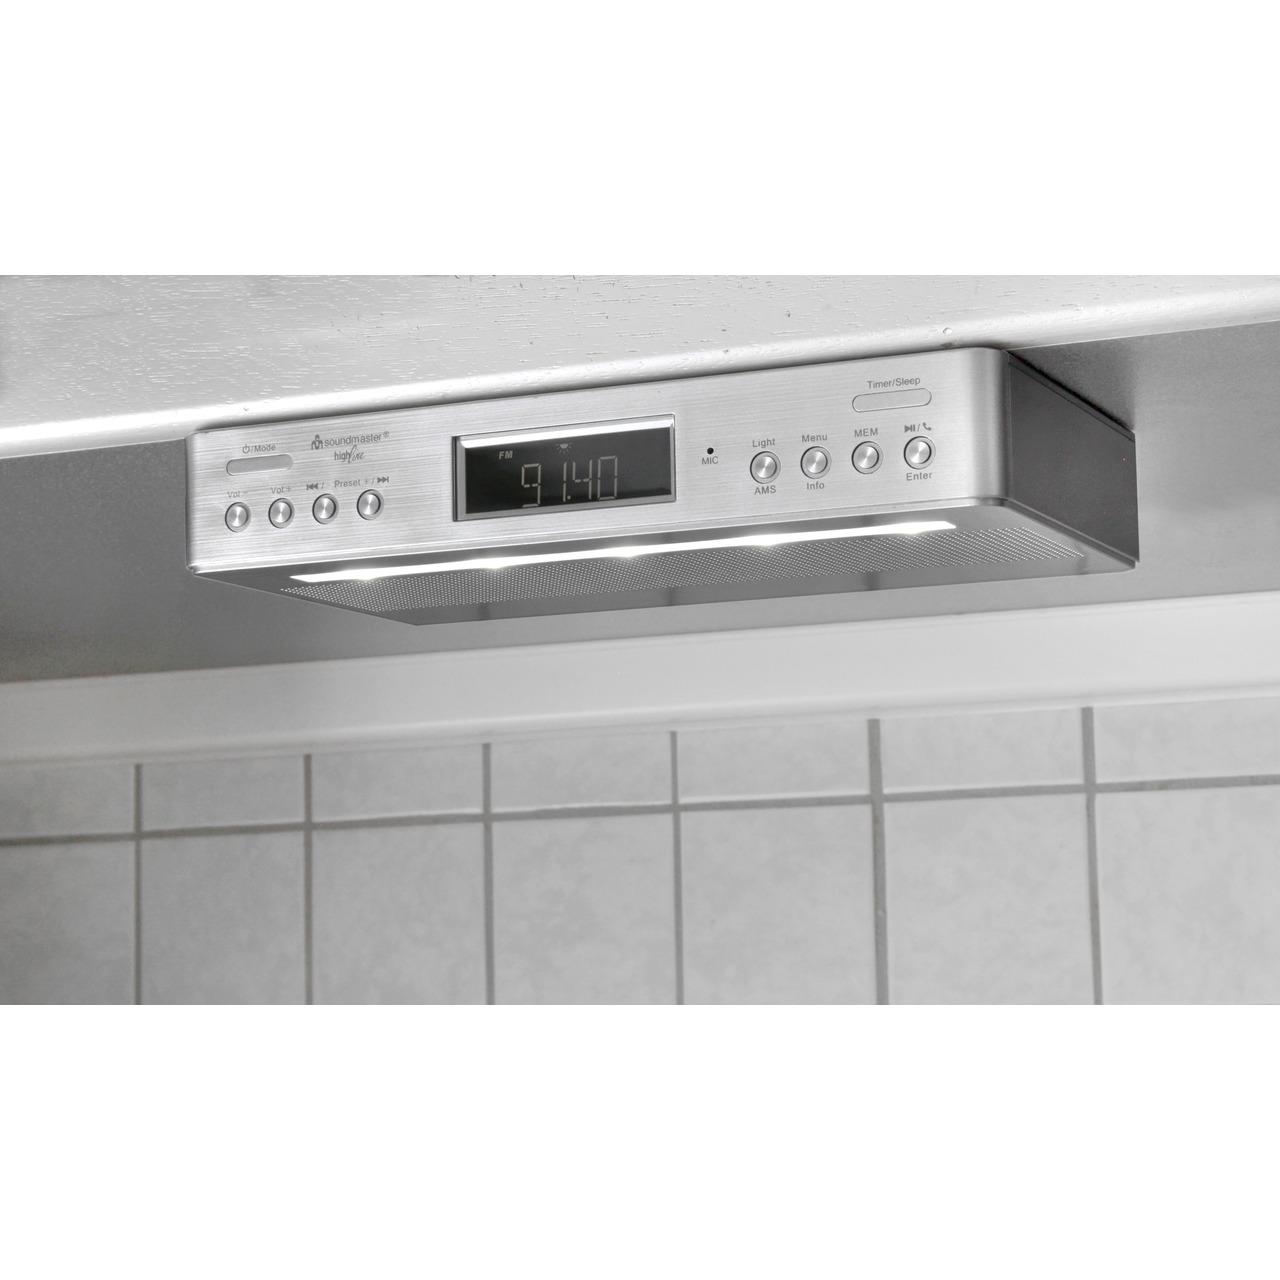 Soundmaster Küchen-Unterbauradio UR2045SI- UKW-DAB+- mit Bluetooth-Funktion und Küchentimer